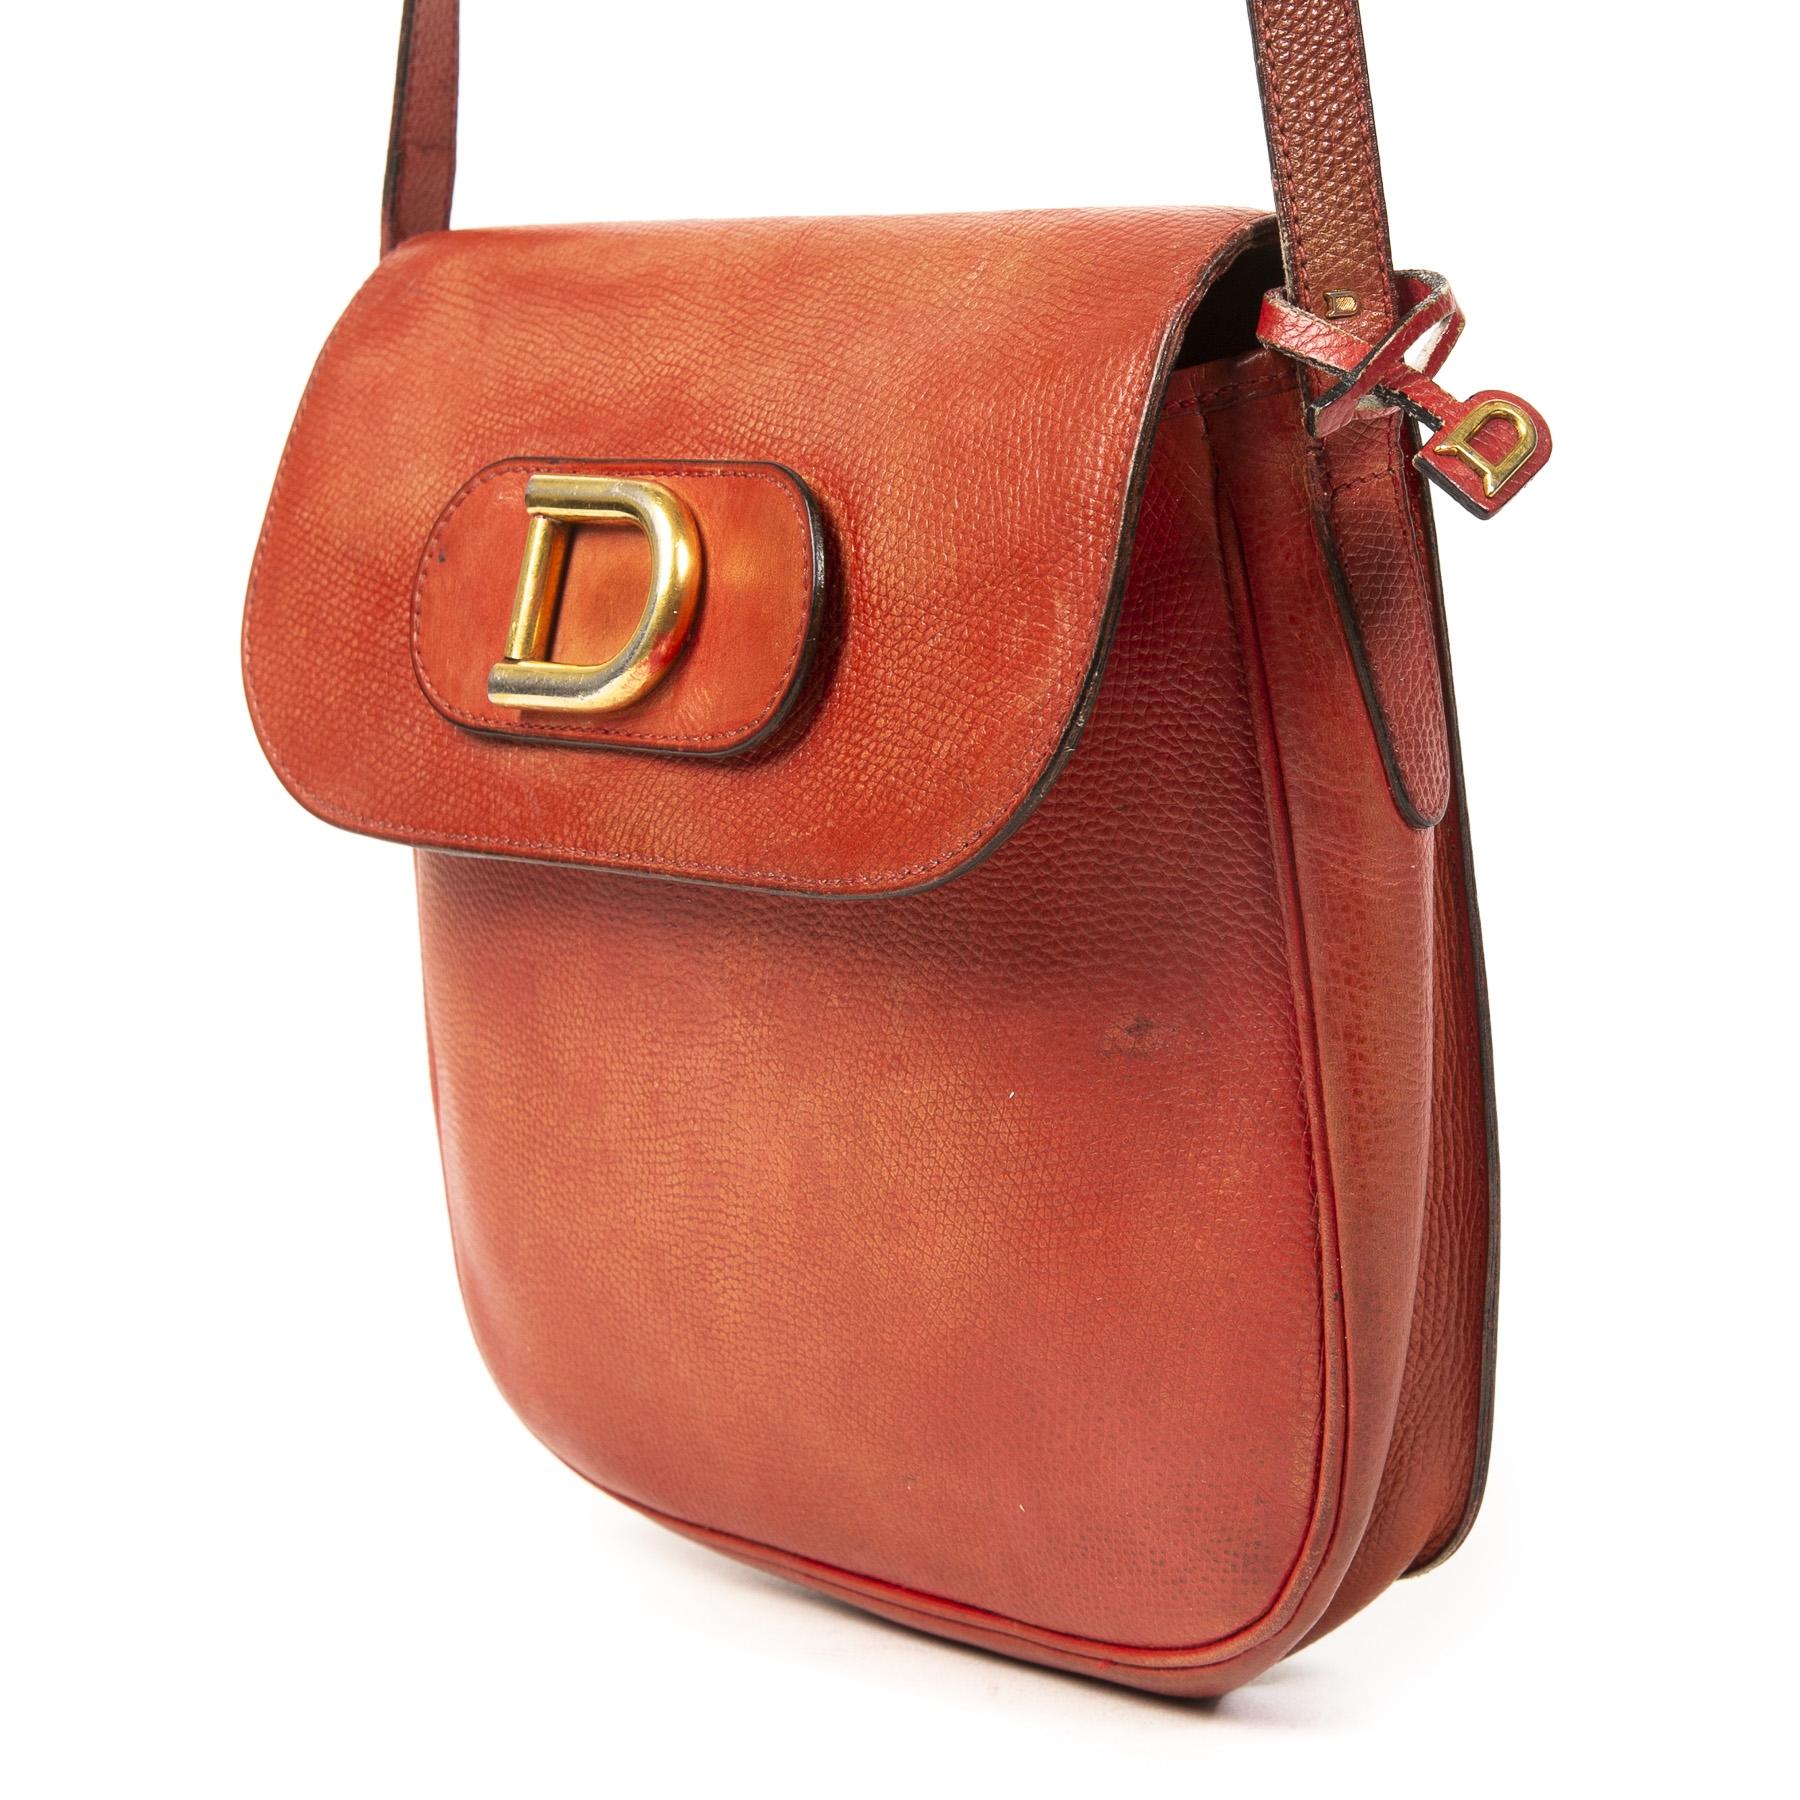 Authentieke tweedehands Delvaux Coral Golden D Crossbody Bag juiste prijs veilig online winkelen LabelLOV webshop luxe merken winkelen Antwerpen België mode fashion